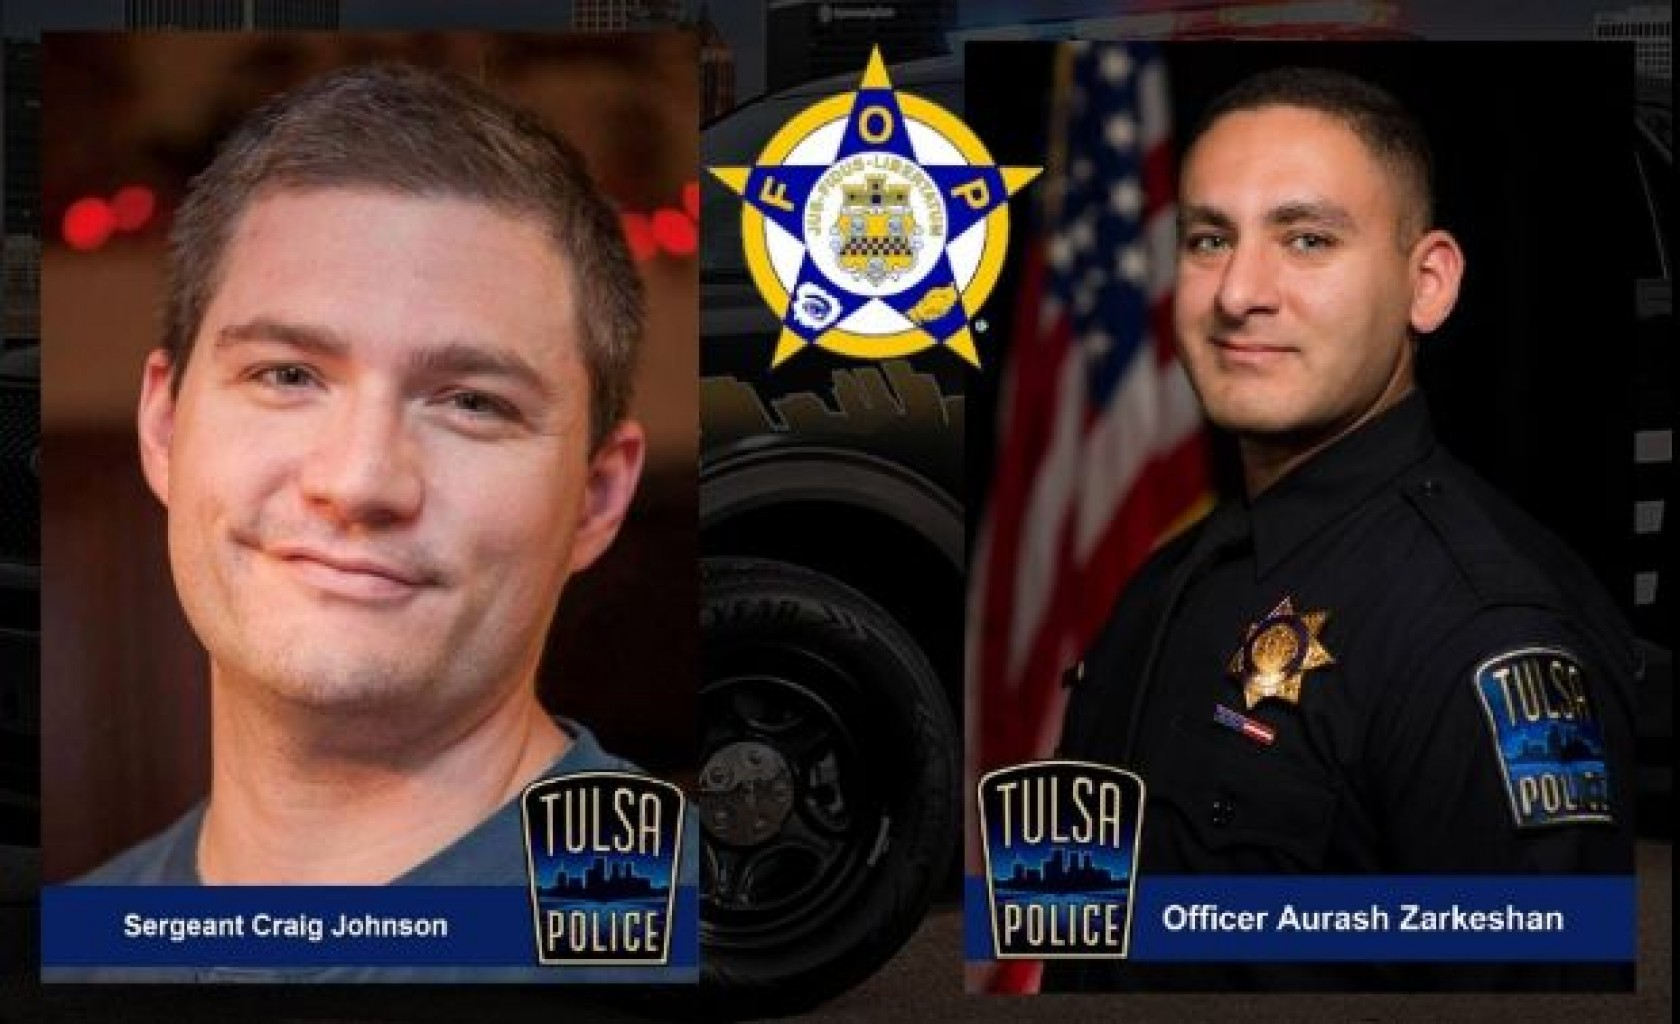 Legislación en honor de oficial de policía baleado en Tulsa